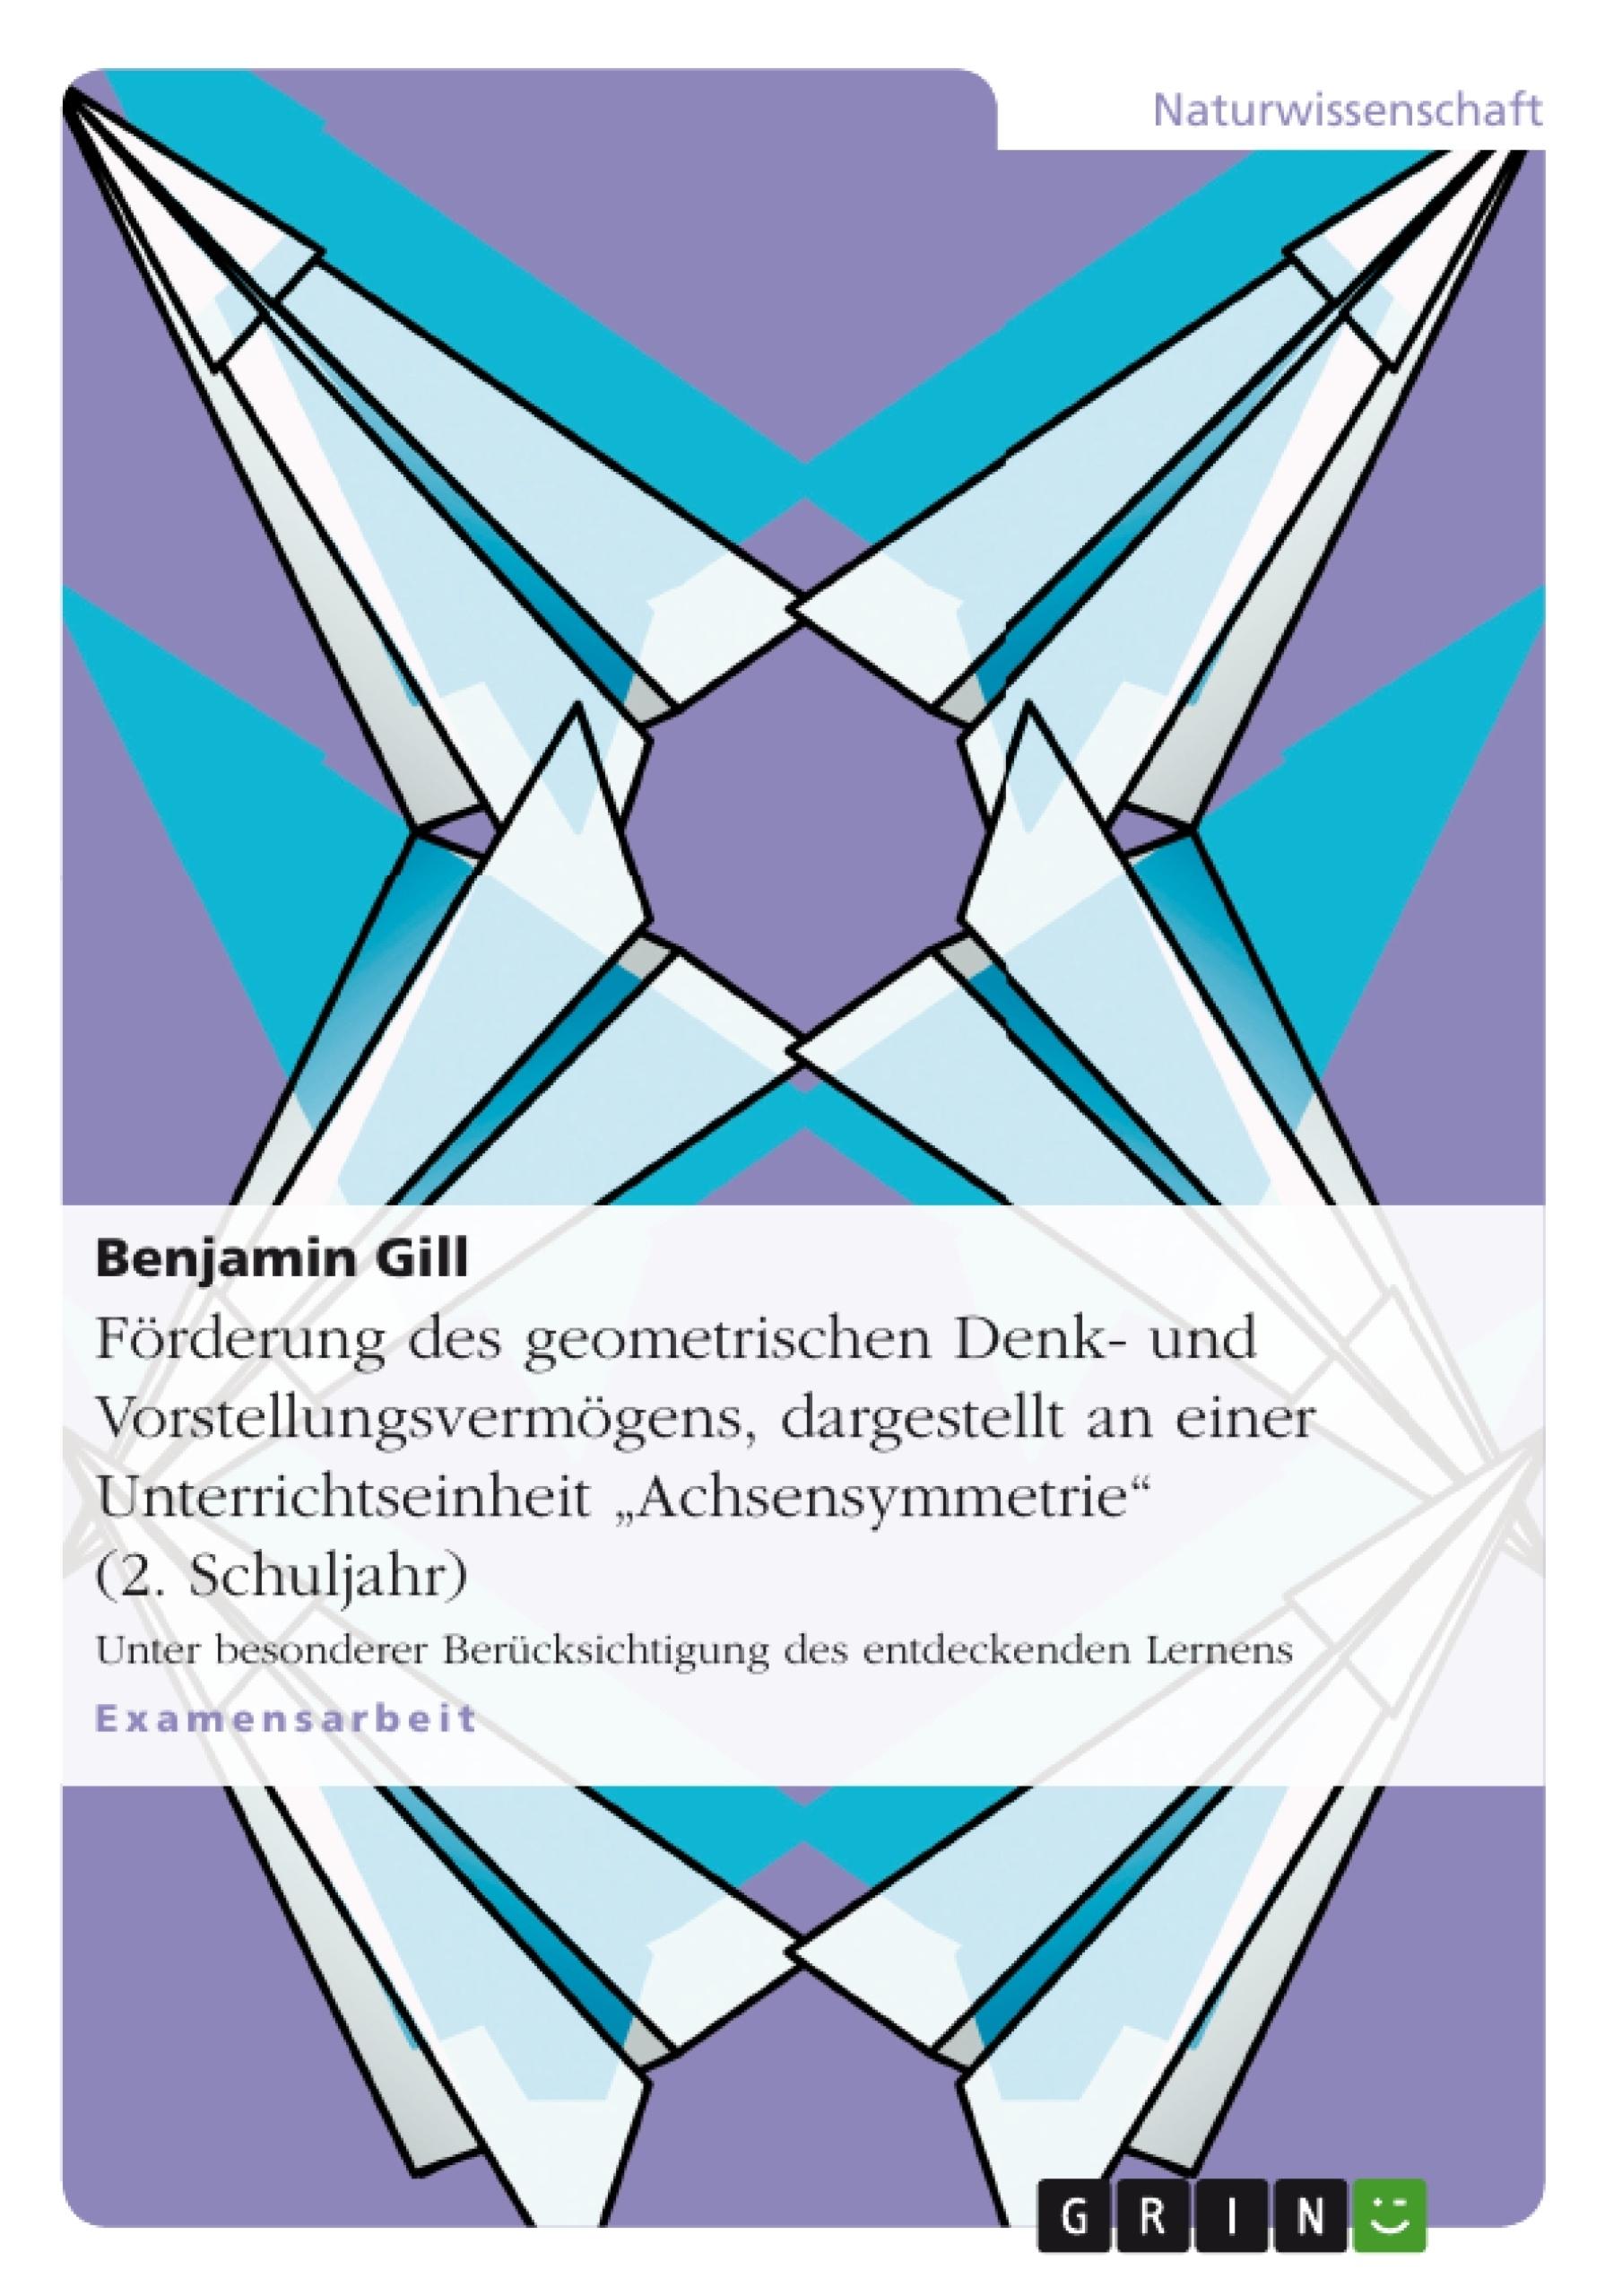 Förderung des geometrischen Denk- und Vorstellungsvermögens ...